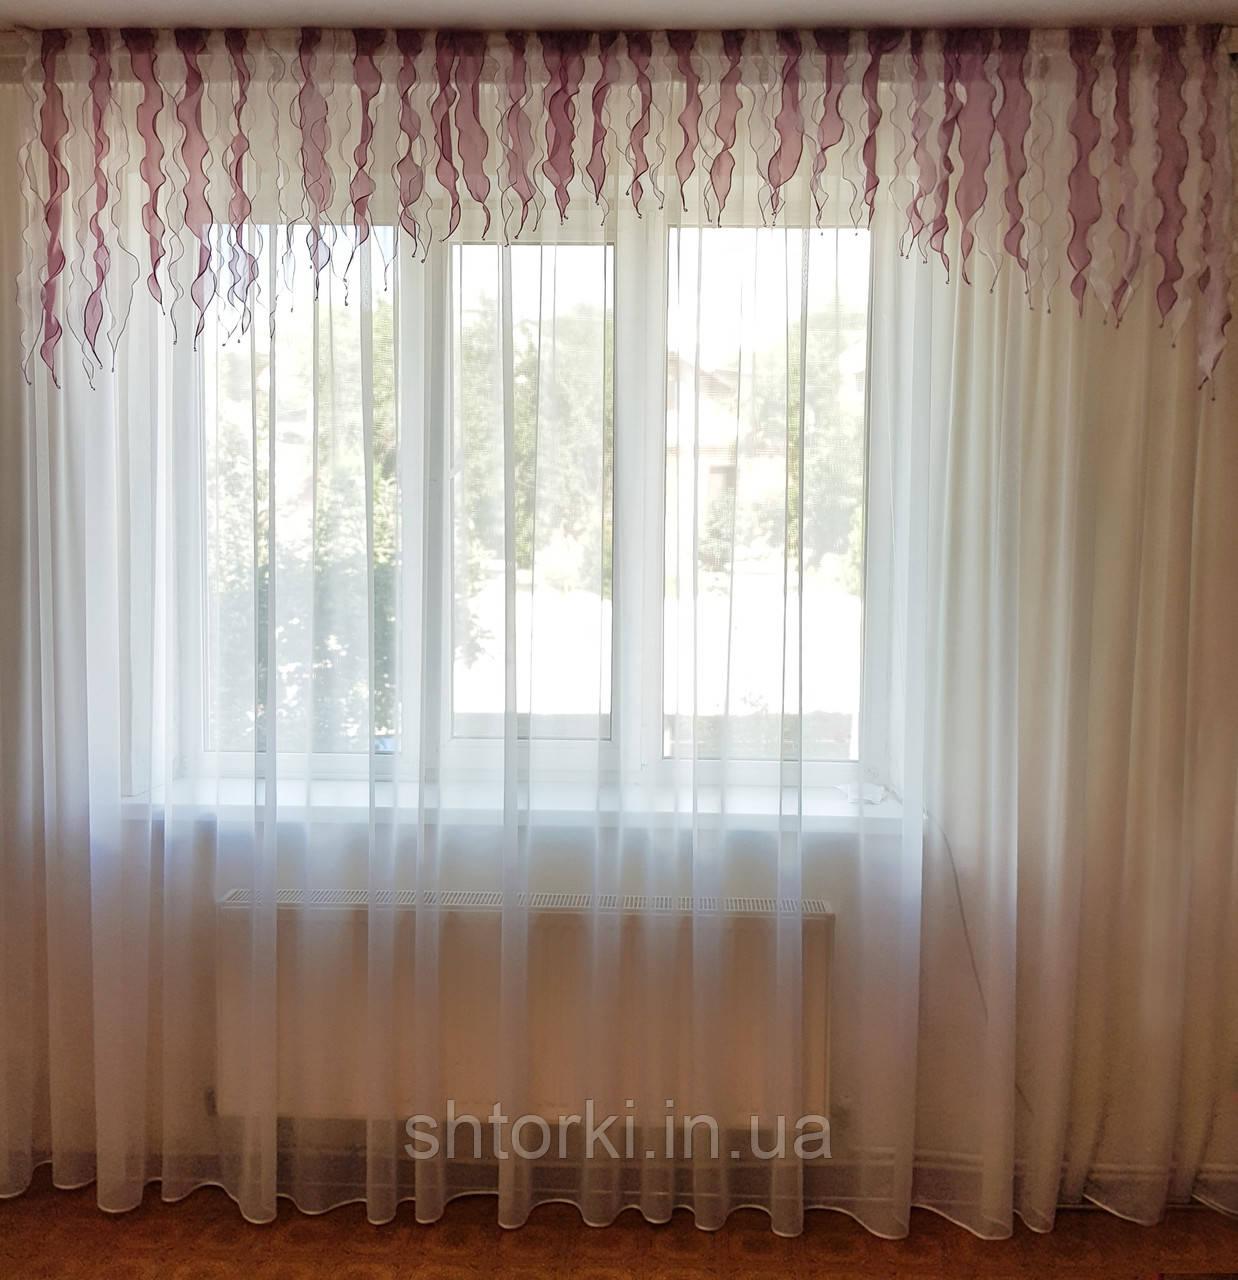 Ламбрекен  Водопад розово-сиреневый с белым